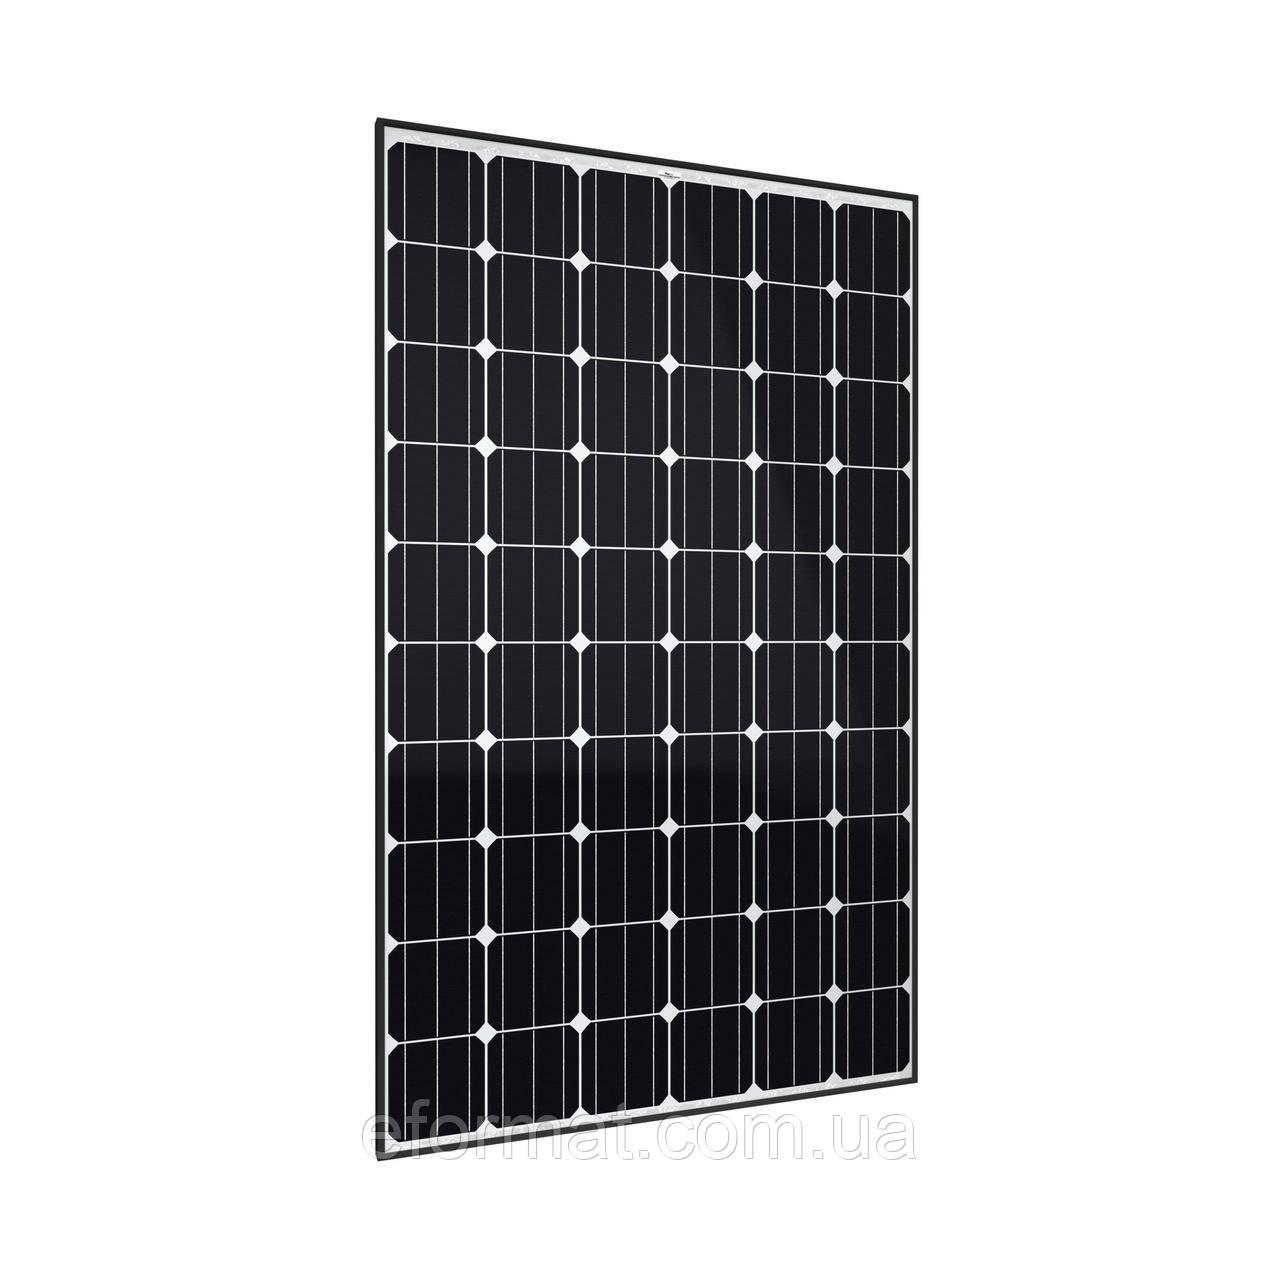 Солнечная панель JA Solar JAM60S09 325 PR монокристалл Tier1